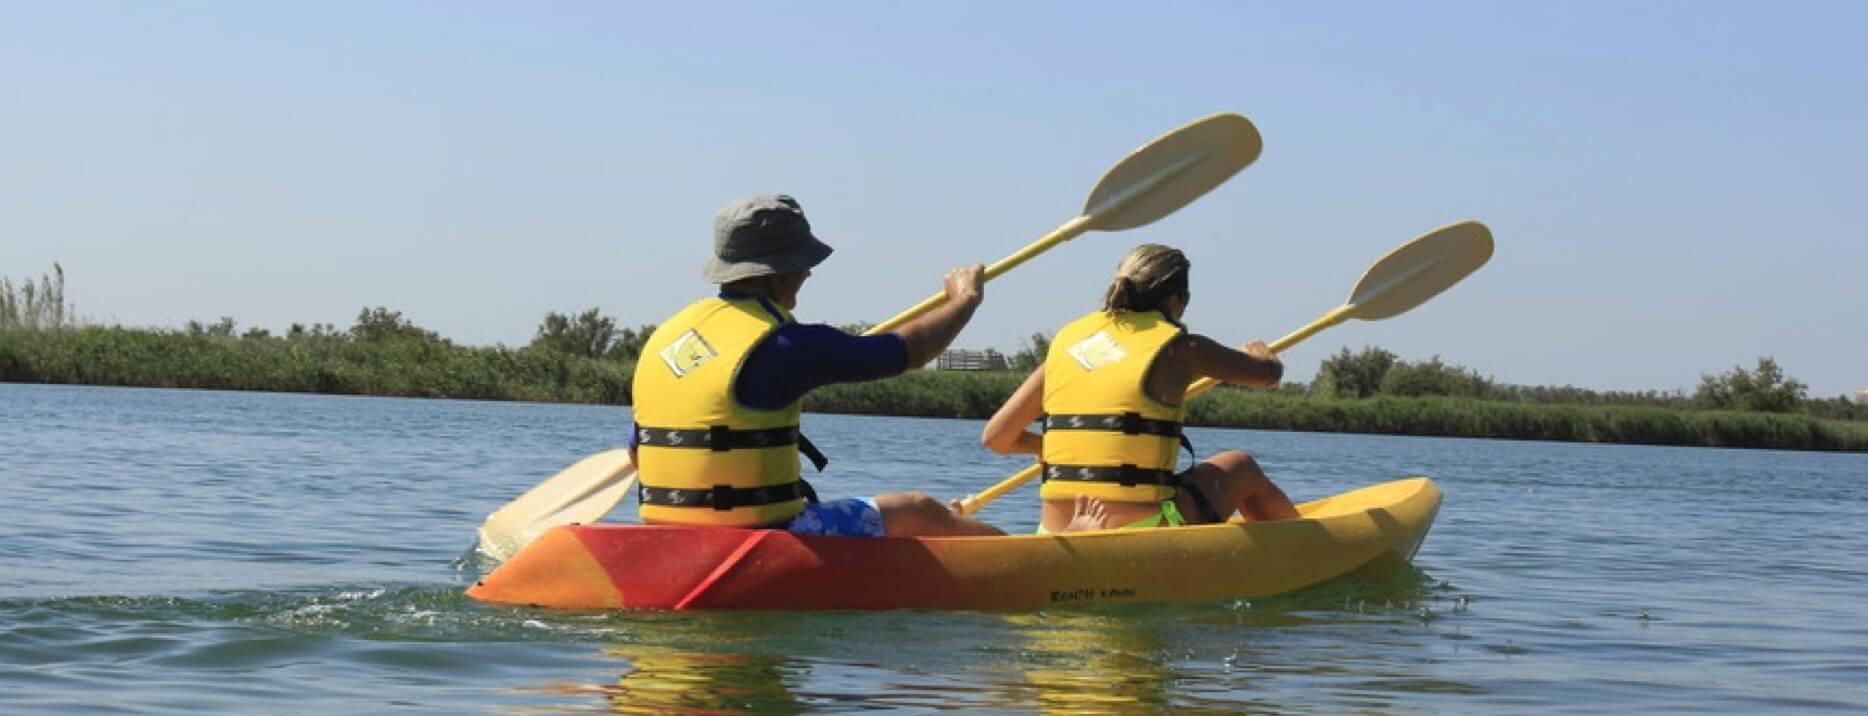 Le kayak, où pratiquer l'activité ?